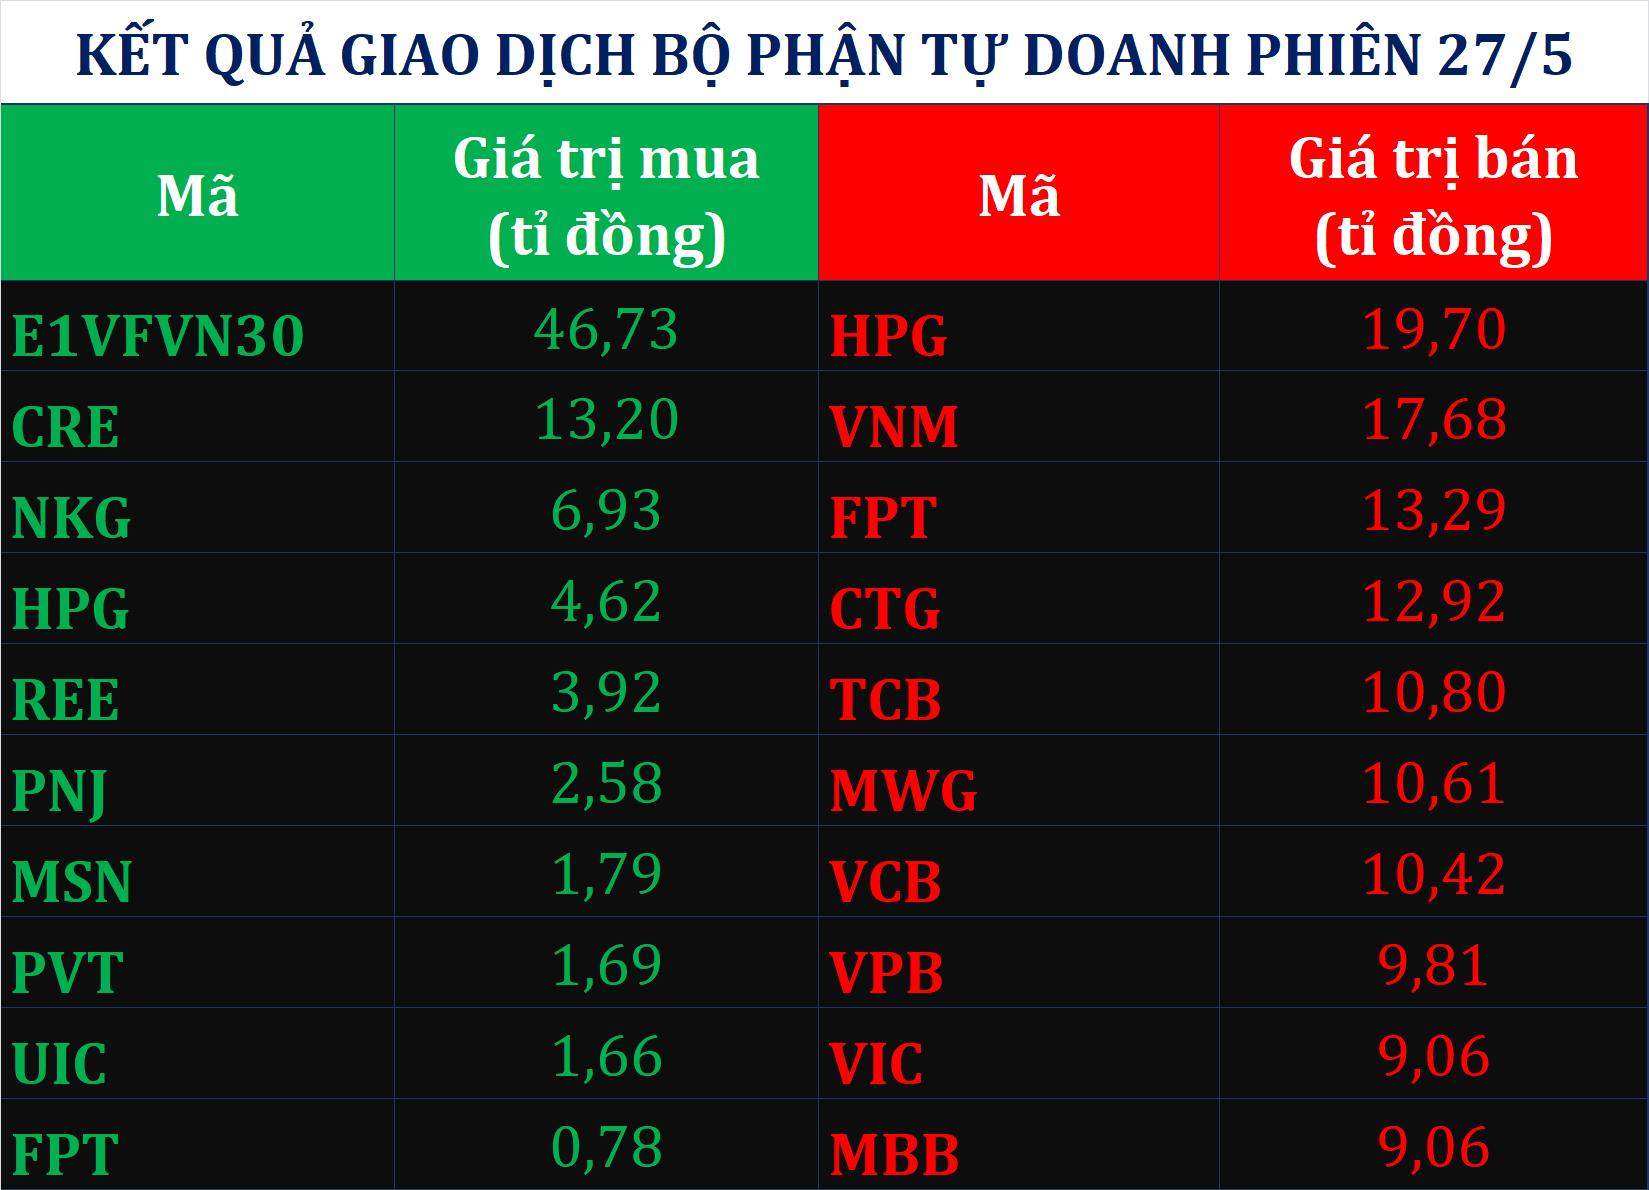 https://cdn.vietnambiz.vn/171464876016439296/2020/5/28/d-1590627404030443507219.png